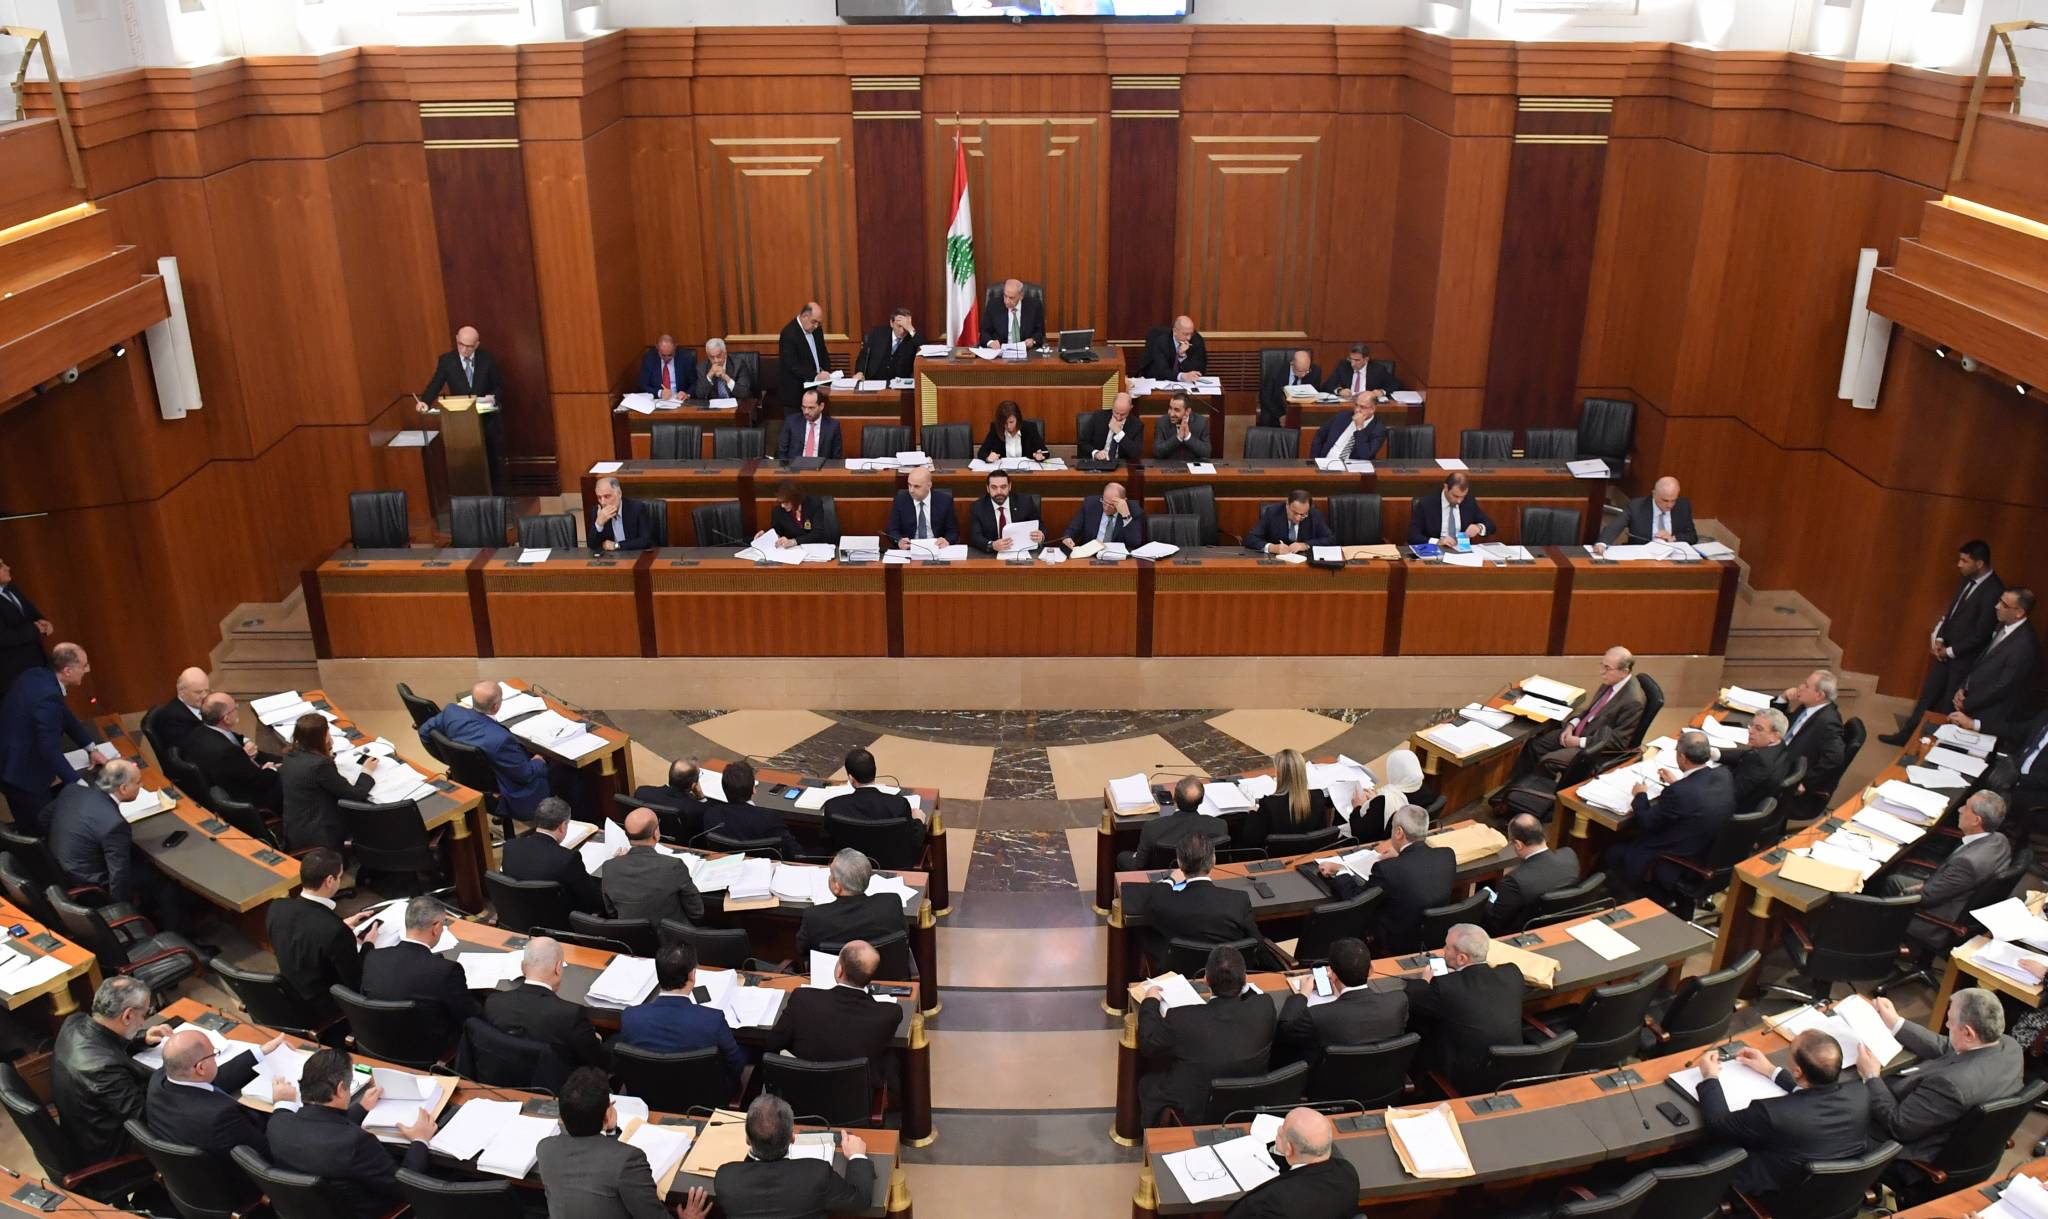 Une commission nationale de lutte contre la corruption bientôt effective  ?